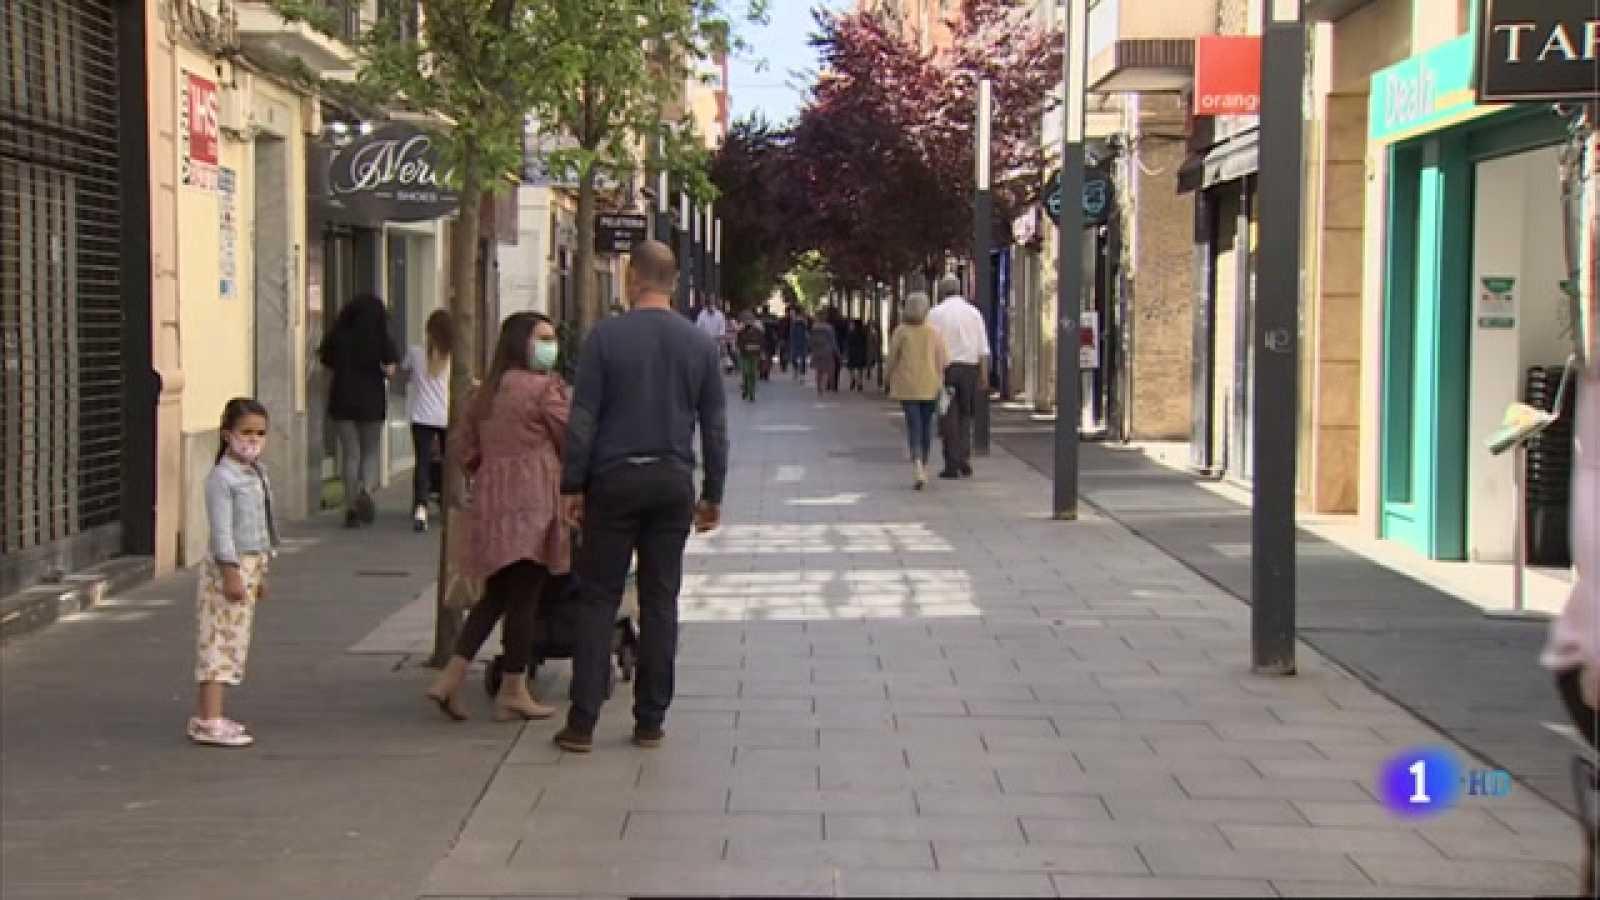 Apertura de nuevas tiendas en la calle Menacho de Badajoz - 19/04/2021